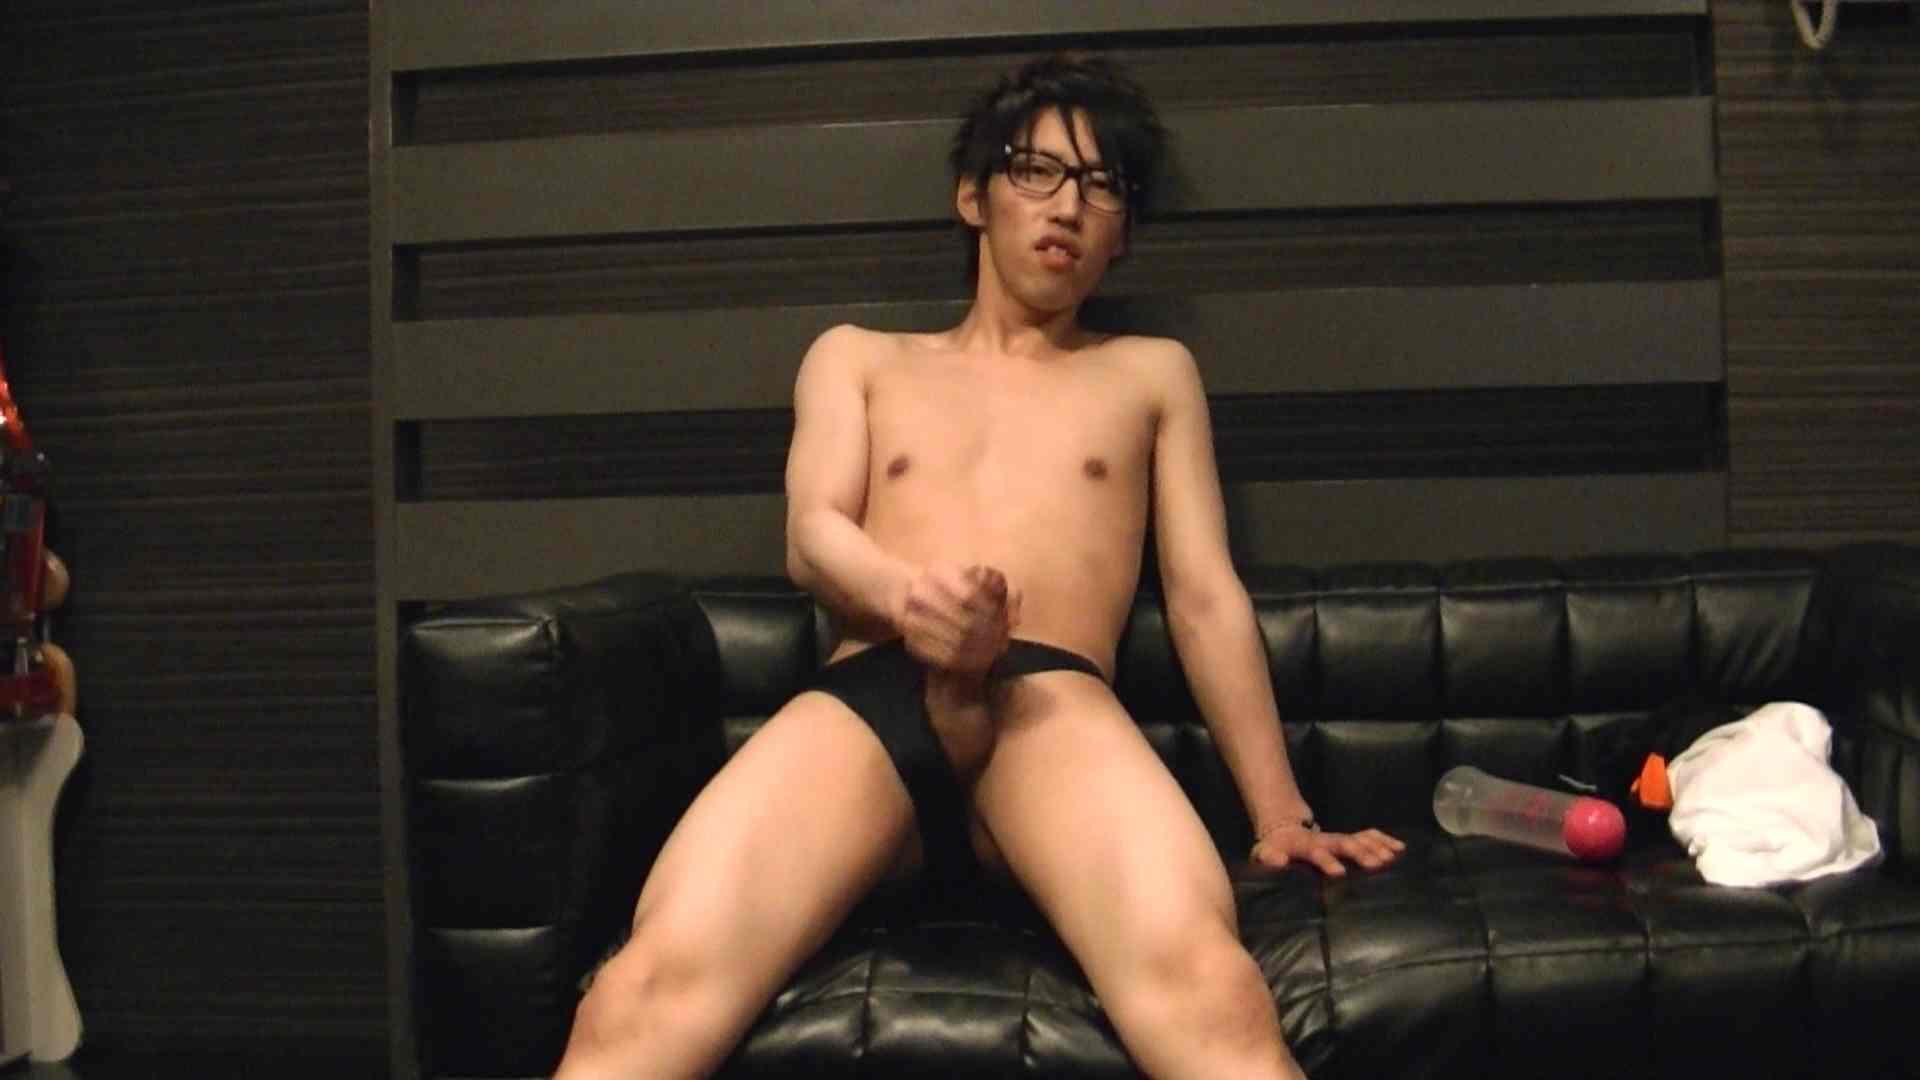 Mr.オナックスさん投稿!HD 貴方のオナニー三万円で撮影させてください。VOL.04 スジ筋系  32pic 30